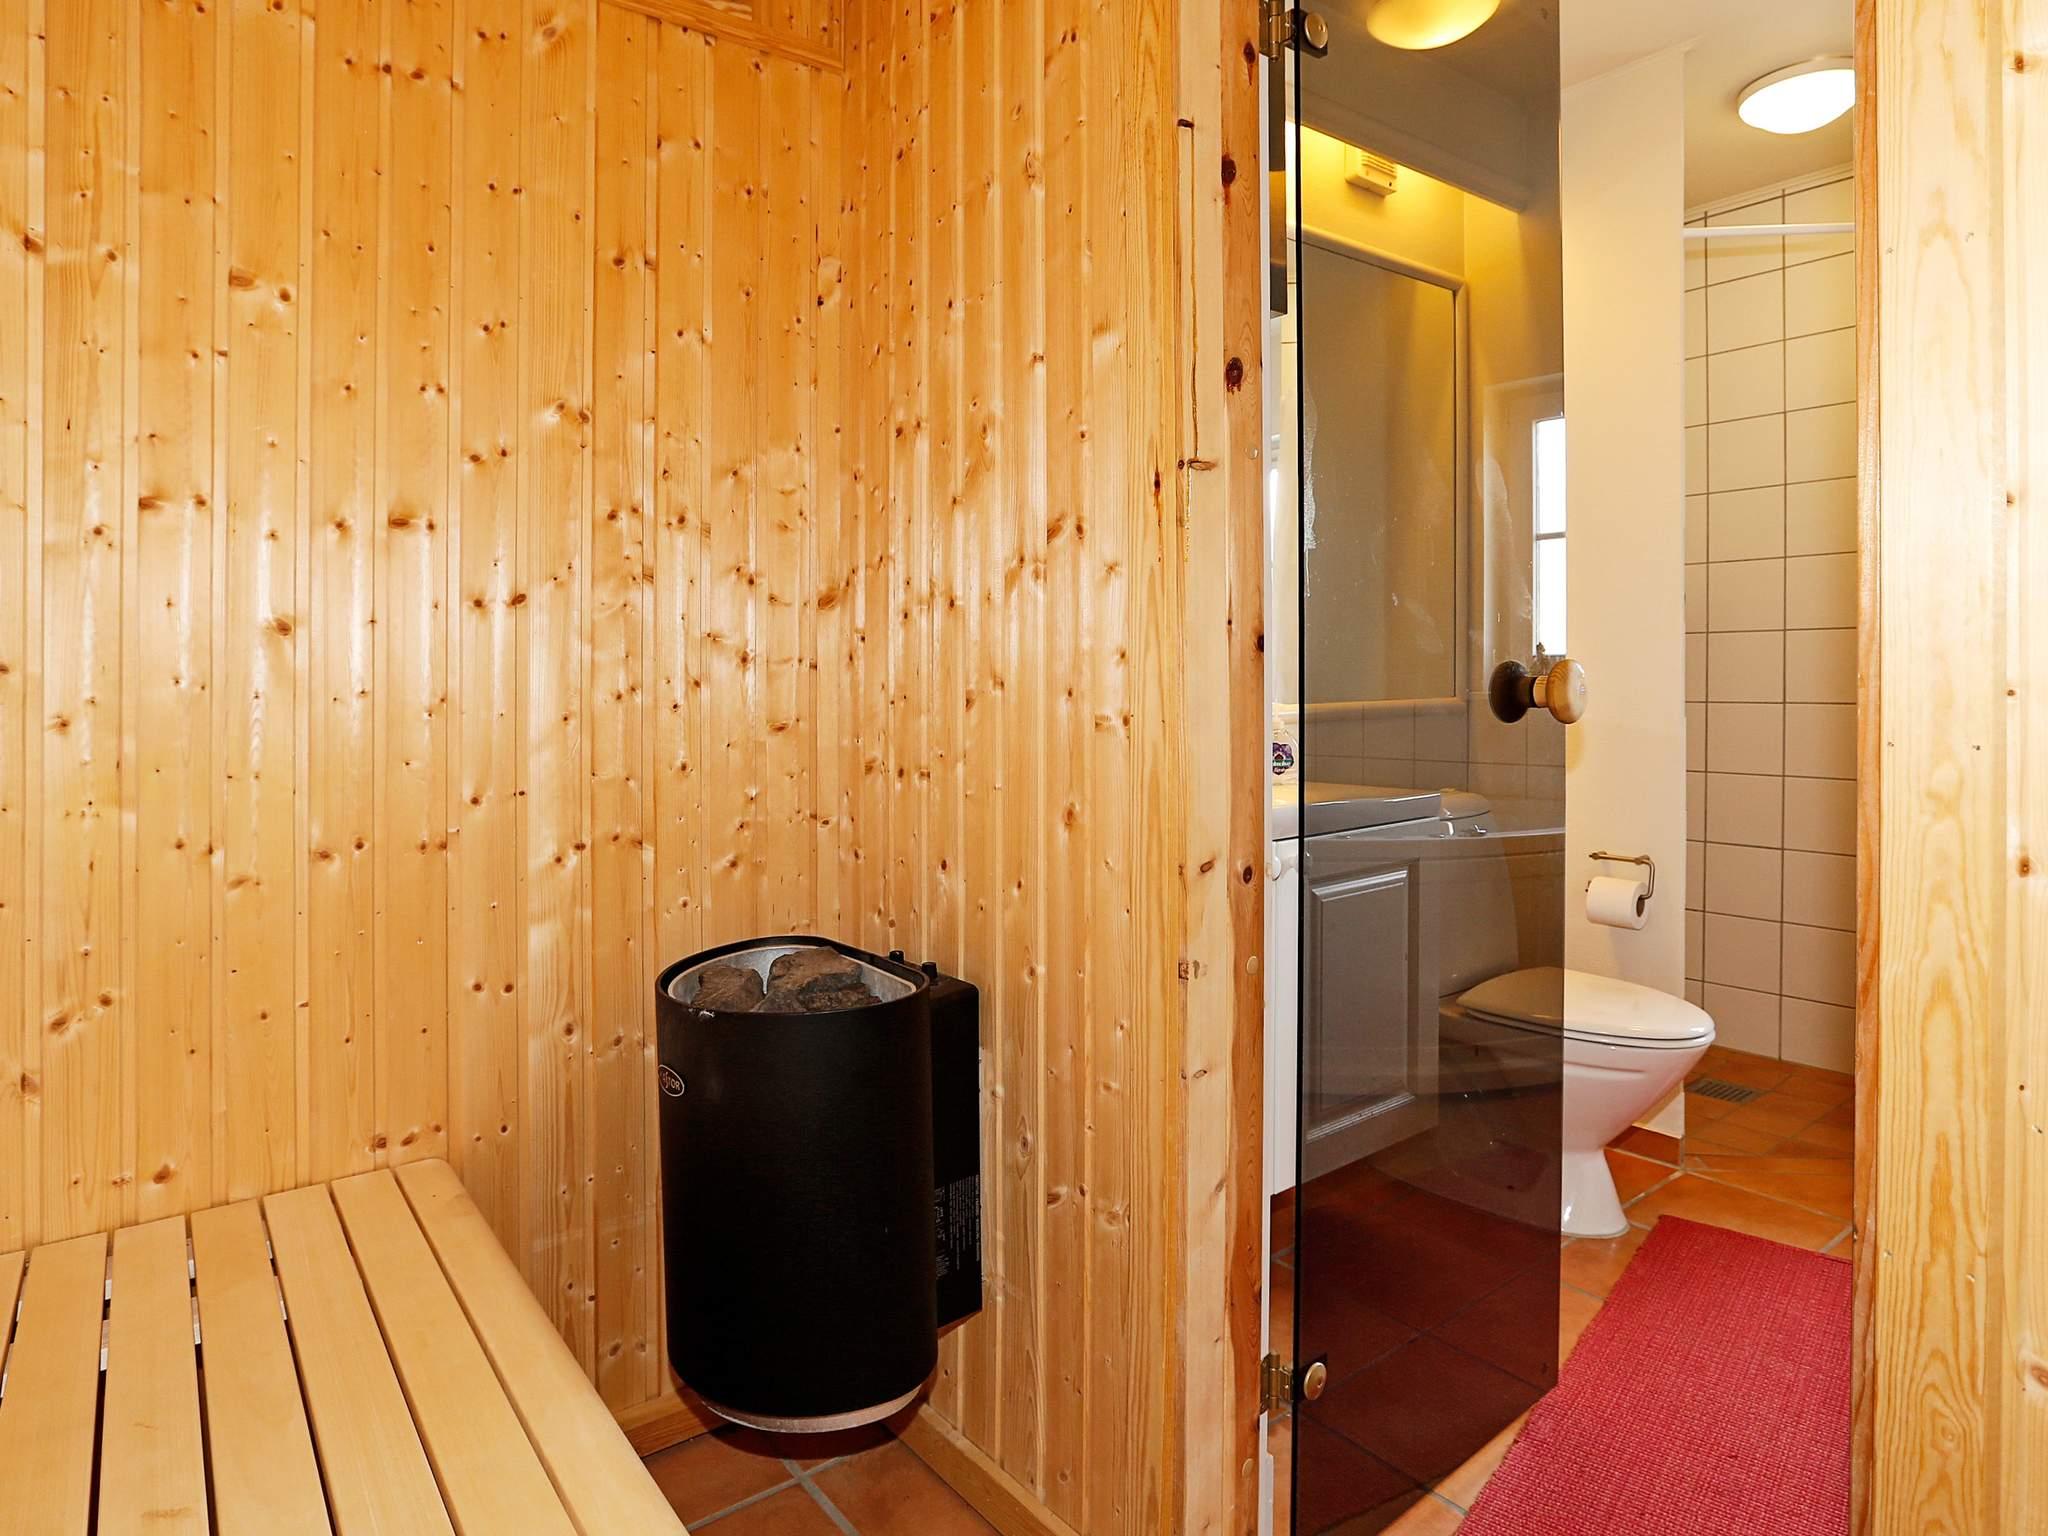 Ferienhaus Rågeleje (124896), Rågeleje, , Nordseeland, Dänemark, Bild 19